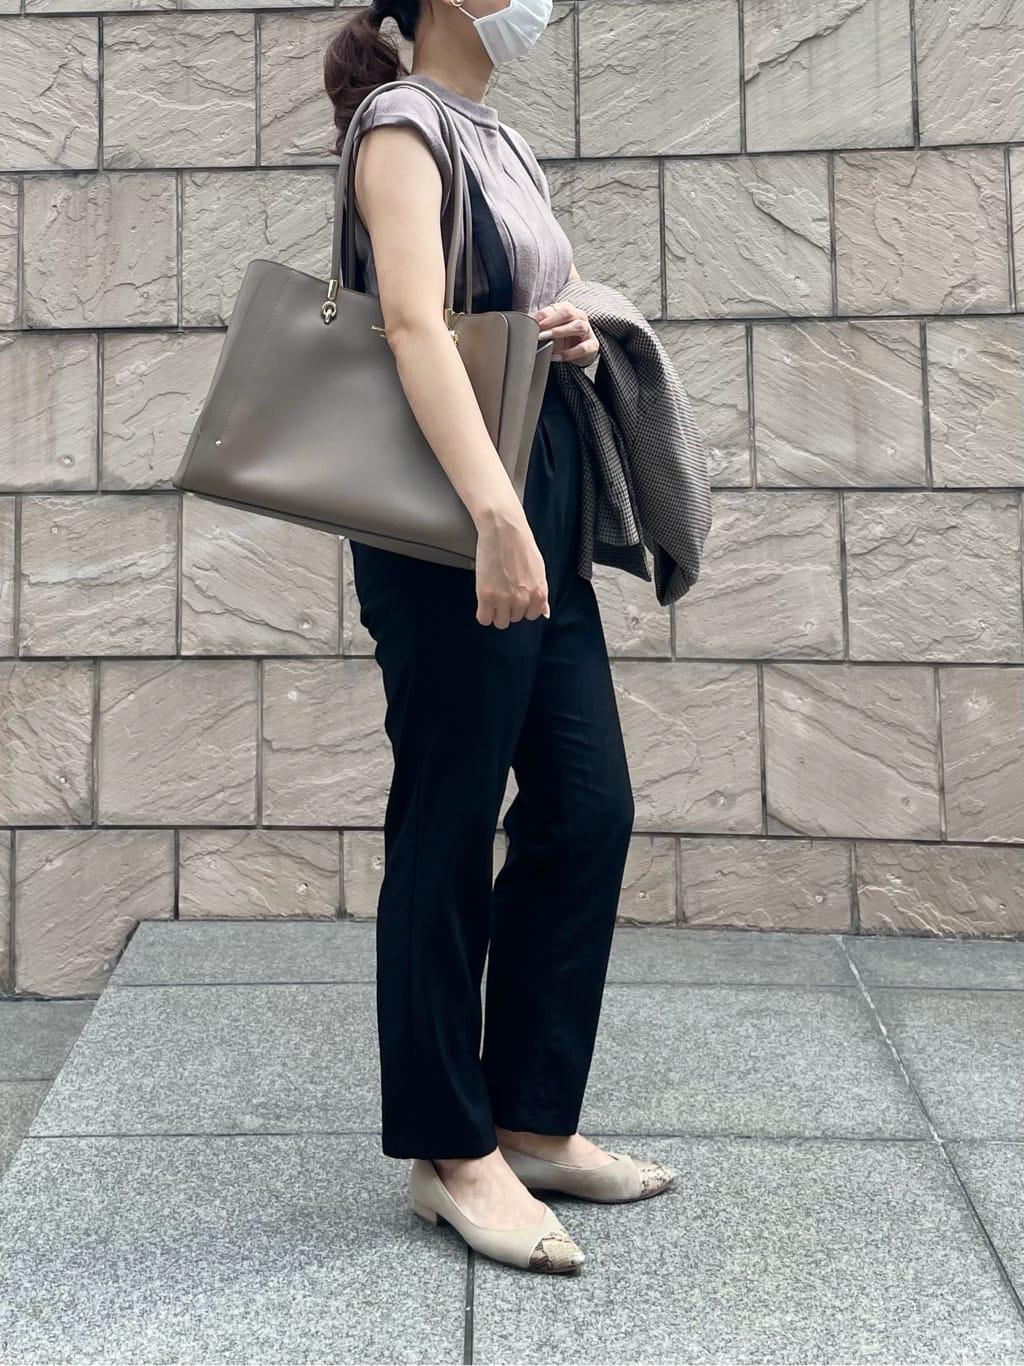 サマンサタバサデラックス サマンサタバサプチチョイス そごう広島店 Makiko